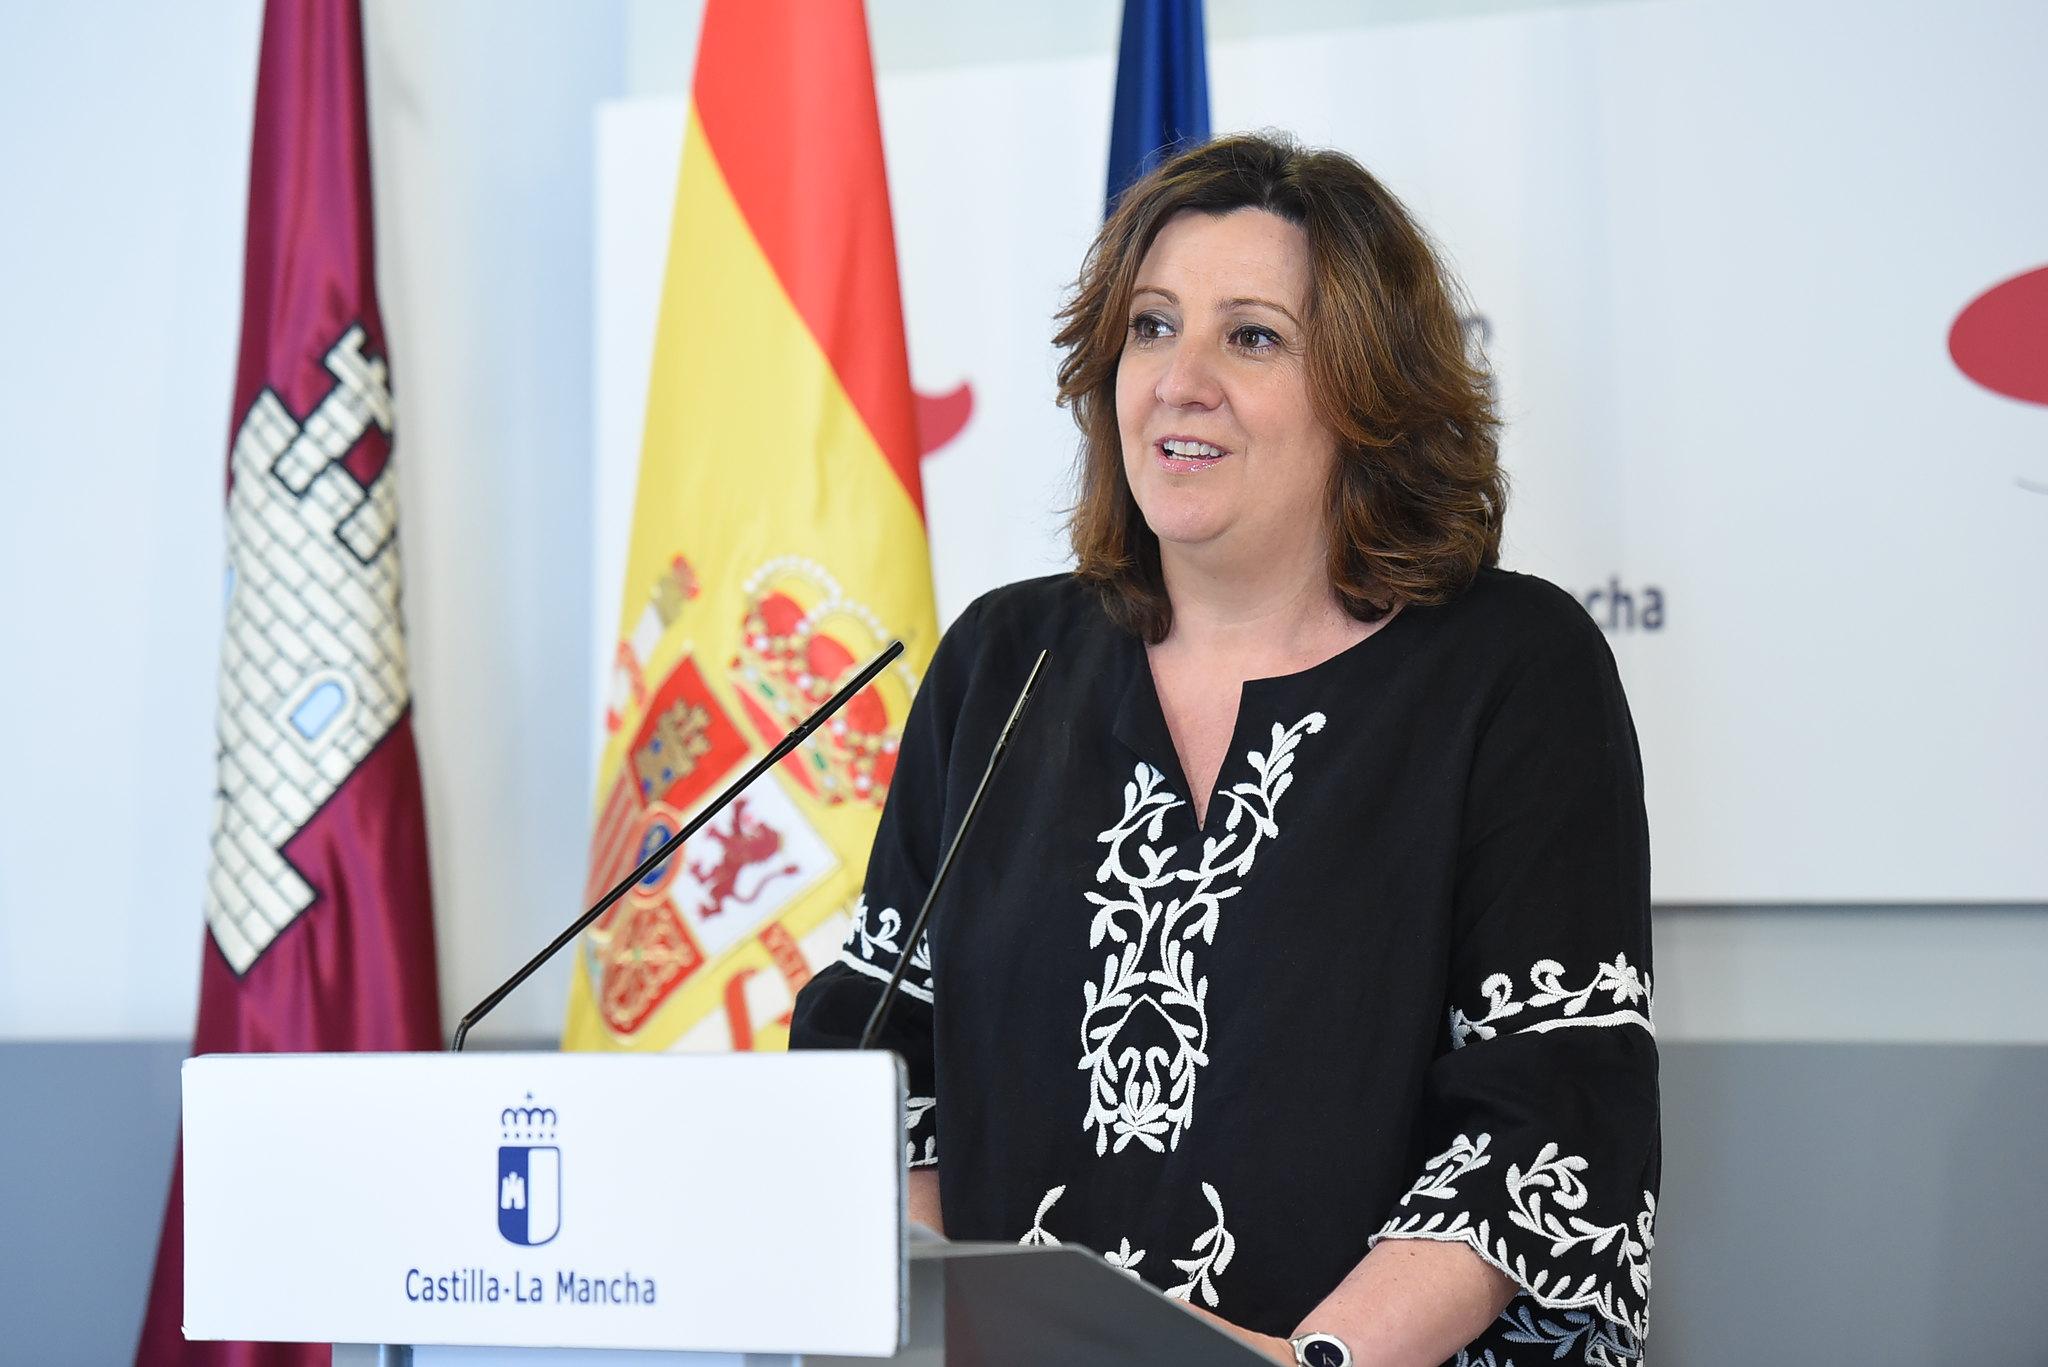 La consejera de Economía, Empresas y Empleo, Patricia Franco.